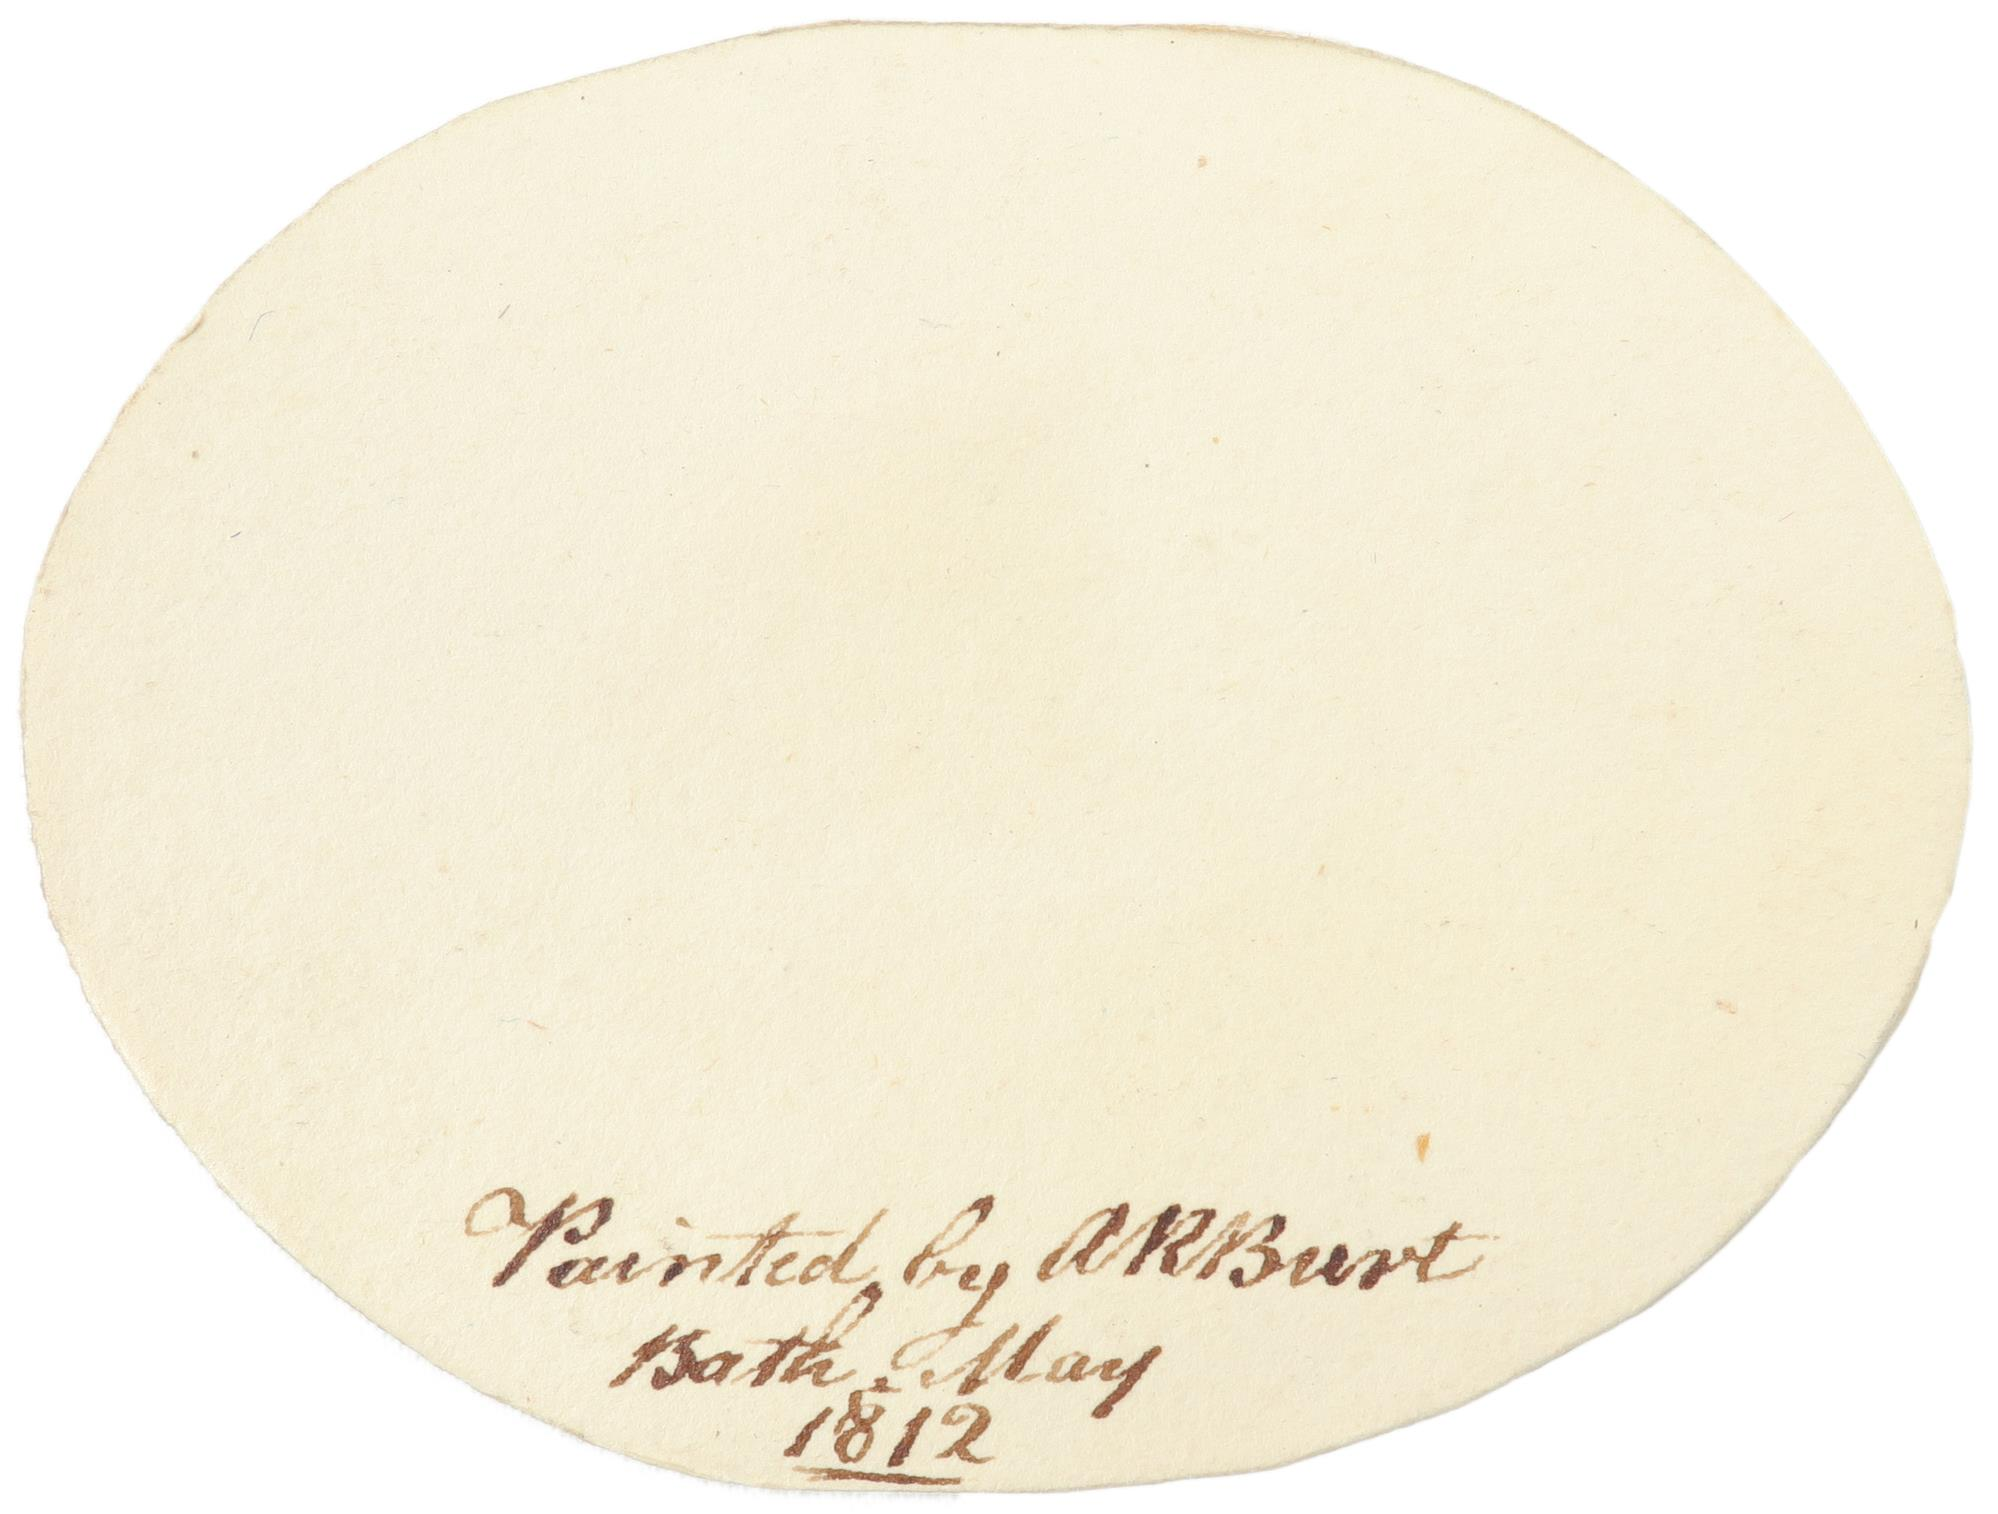 λAlbin Roberts Burt (1783-1842) Portrait of a sleeping baby Signed AR Burt (lower centre), and - Image 3 of 4